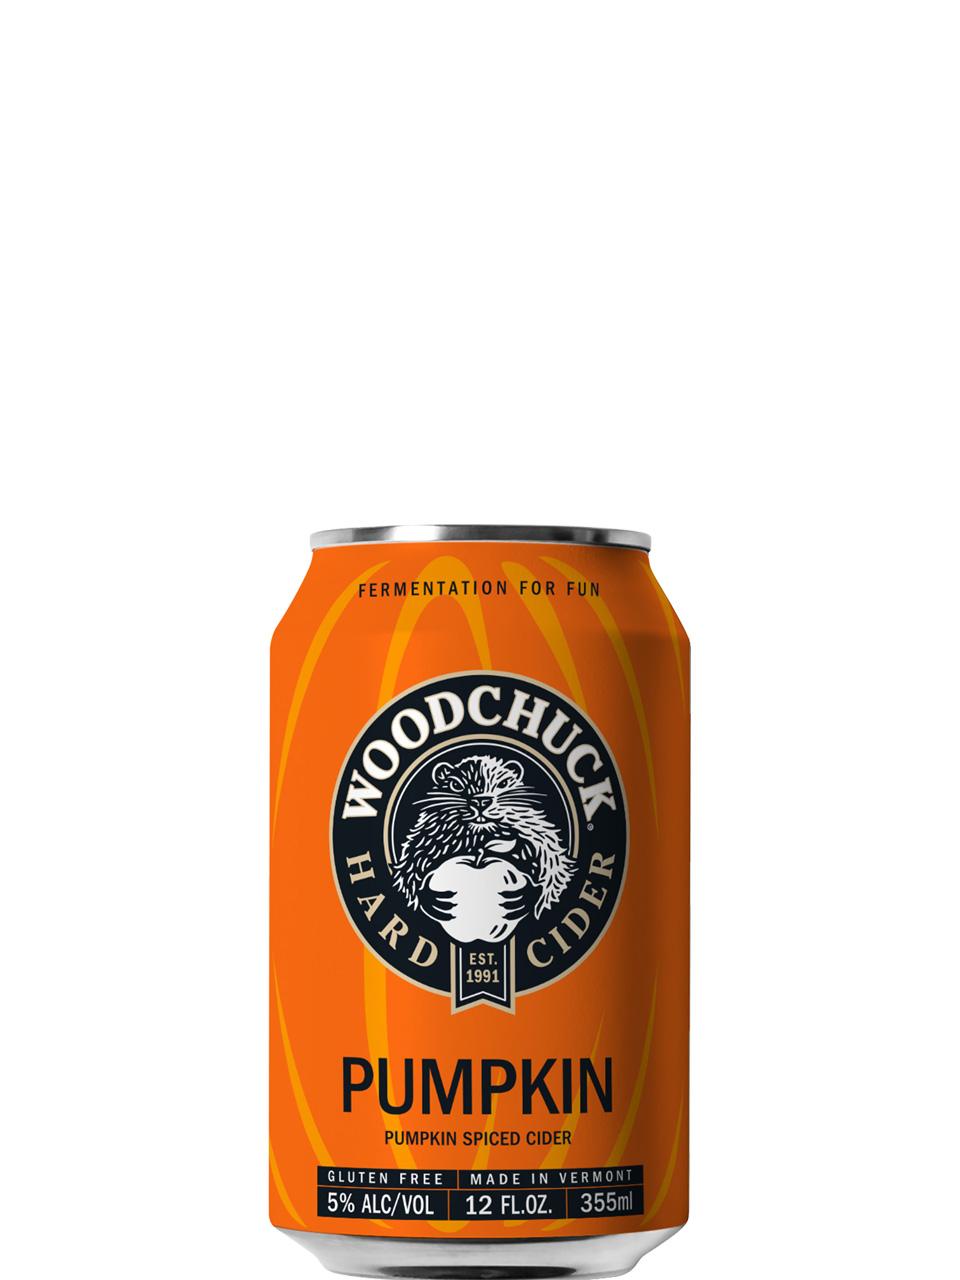 Woodchuck Pumpkin Spiced Cider